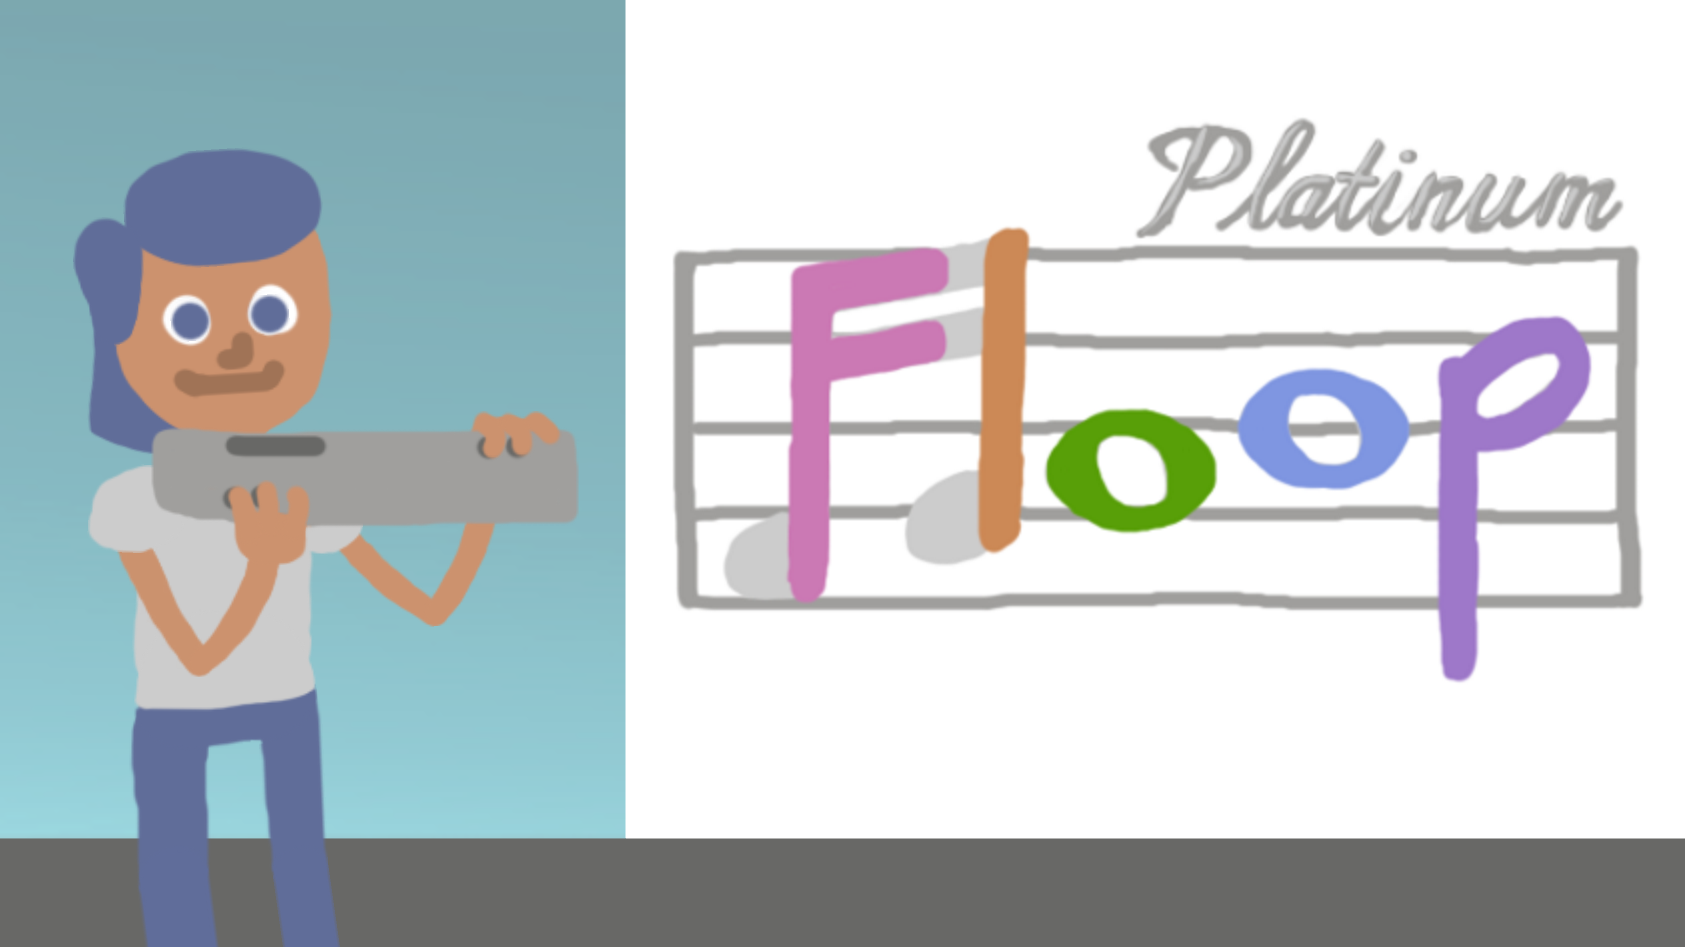 Floop Platinum